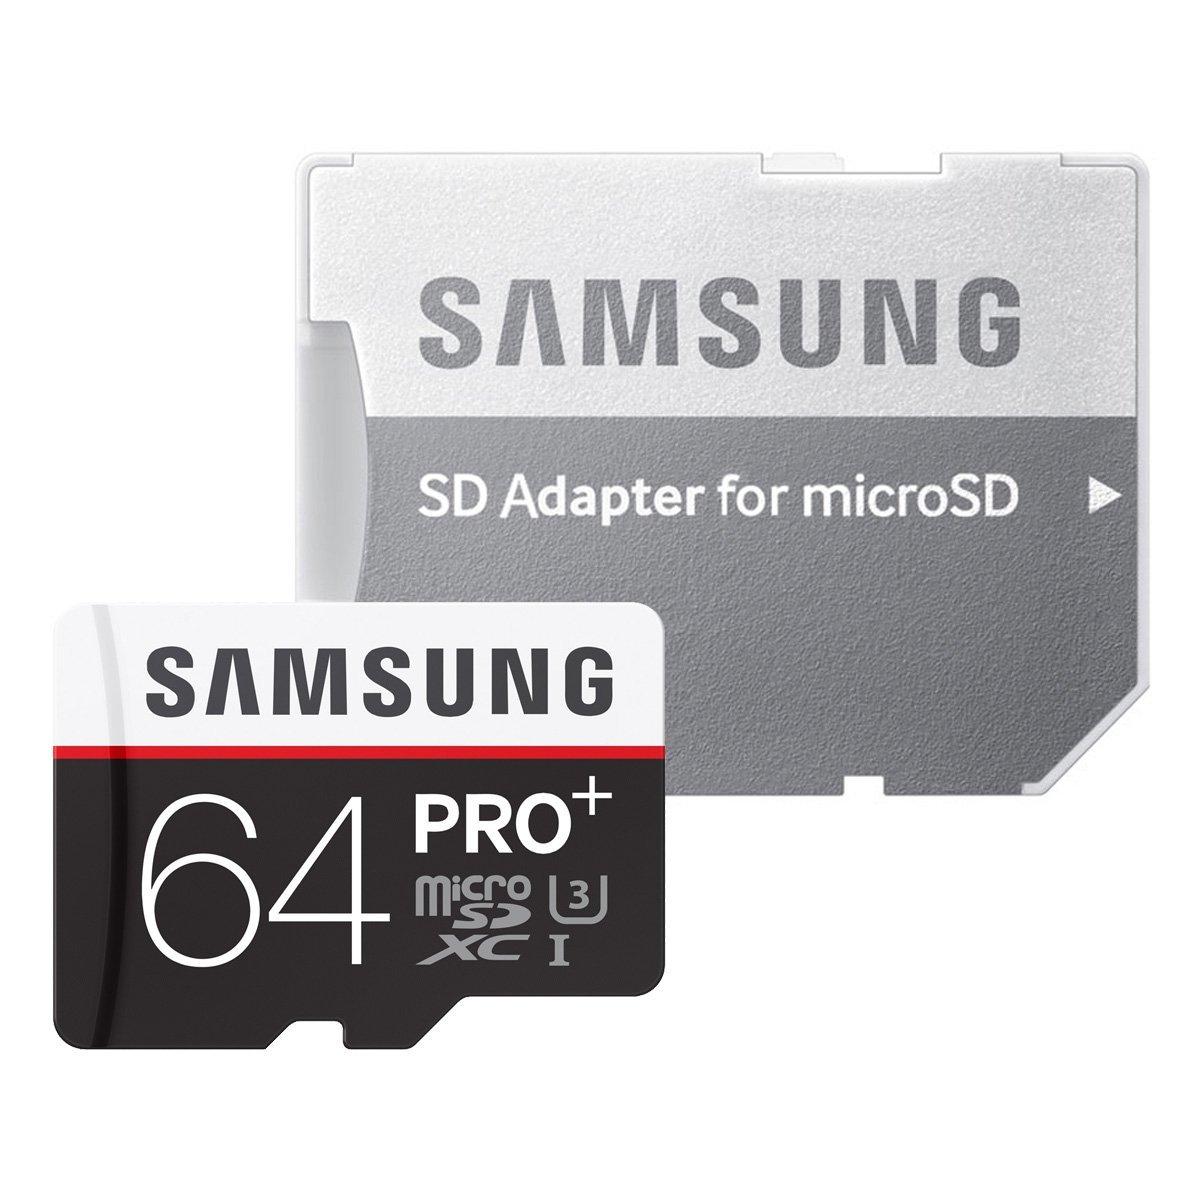 Samsung Samsung microSDXC trữ thẻ 64GB PRO+ Class10 UHS-I U3 (đọc MAX95MB/s: ghi tốc độ tương ứng vớ